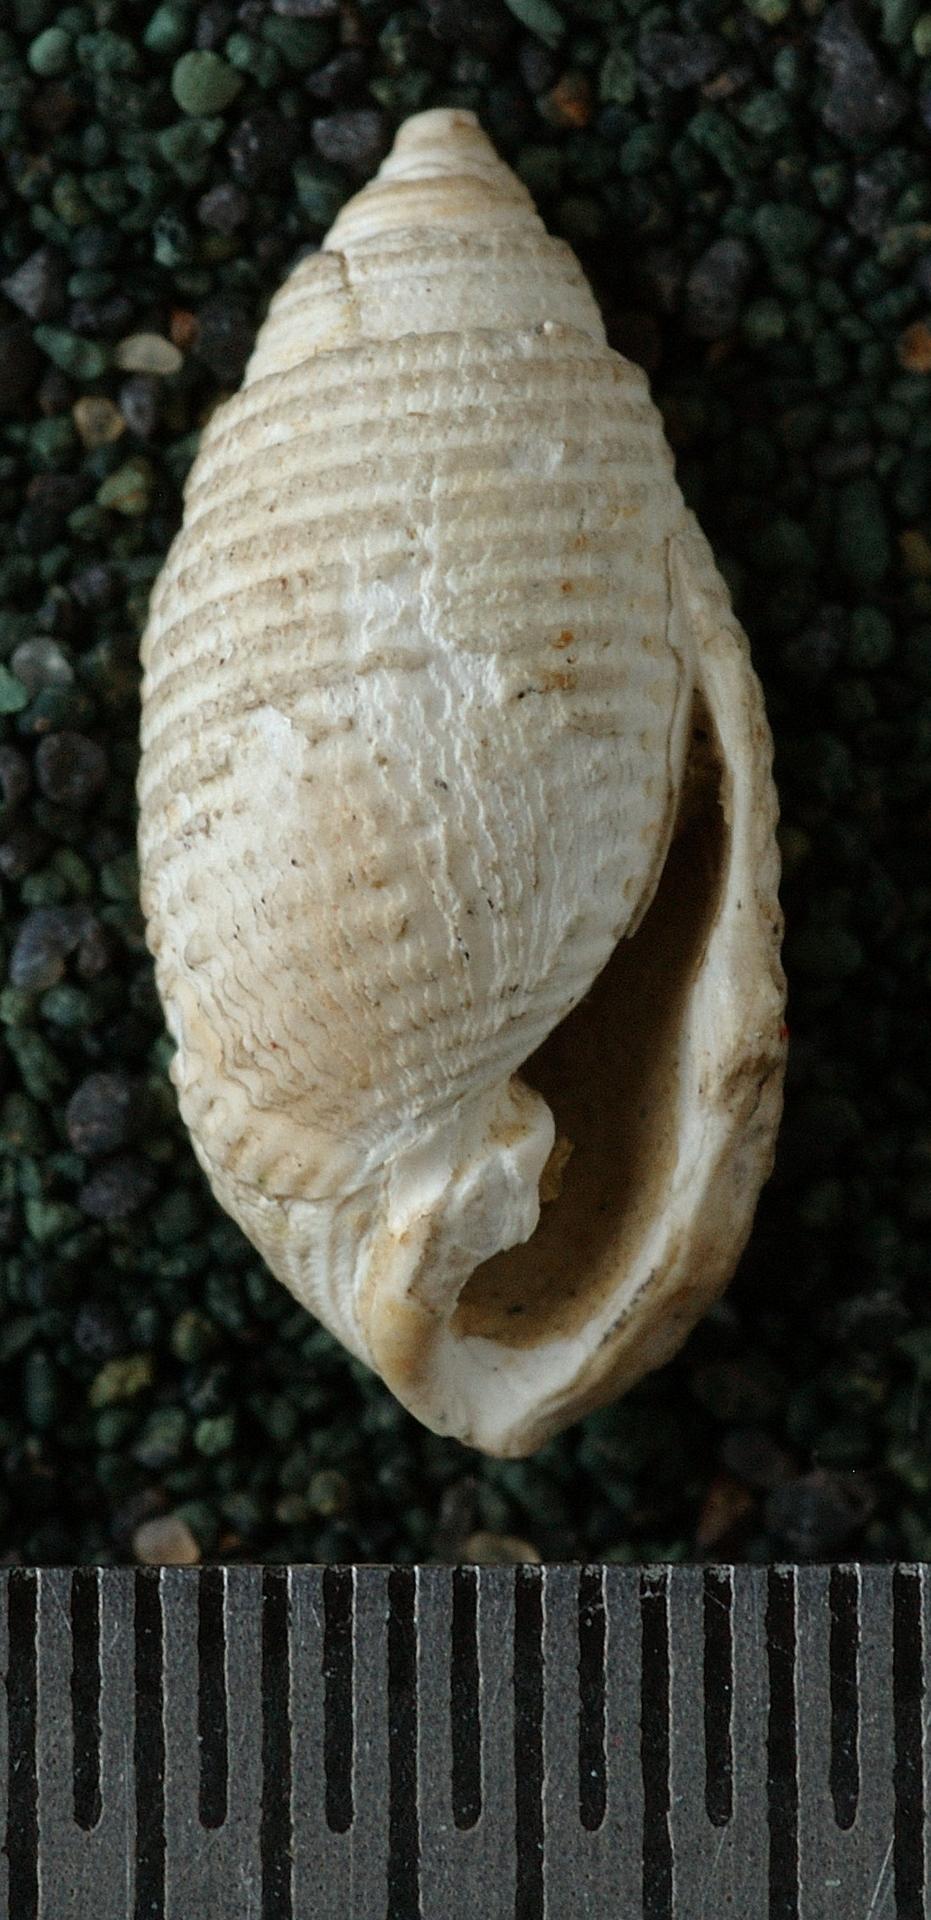 RGM.7302 | Pupa reticulata (Martin, 1884)